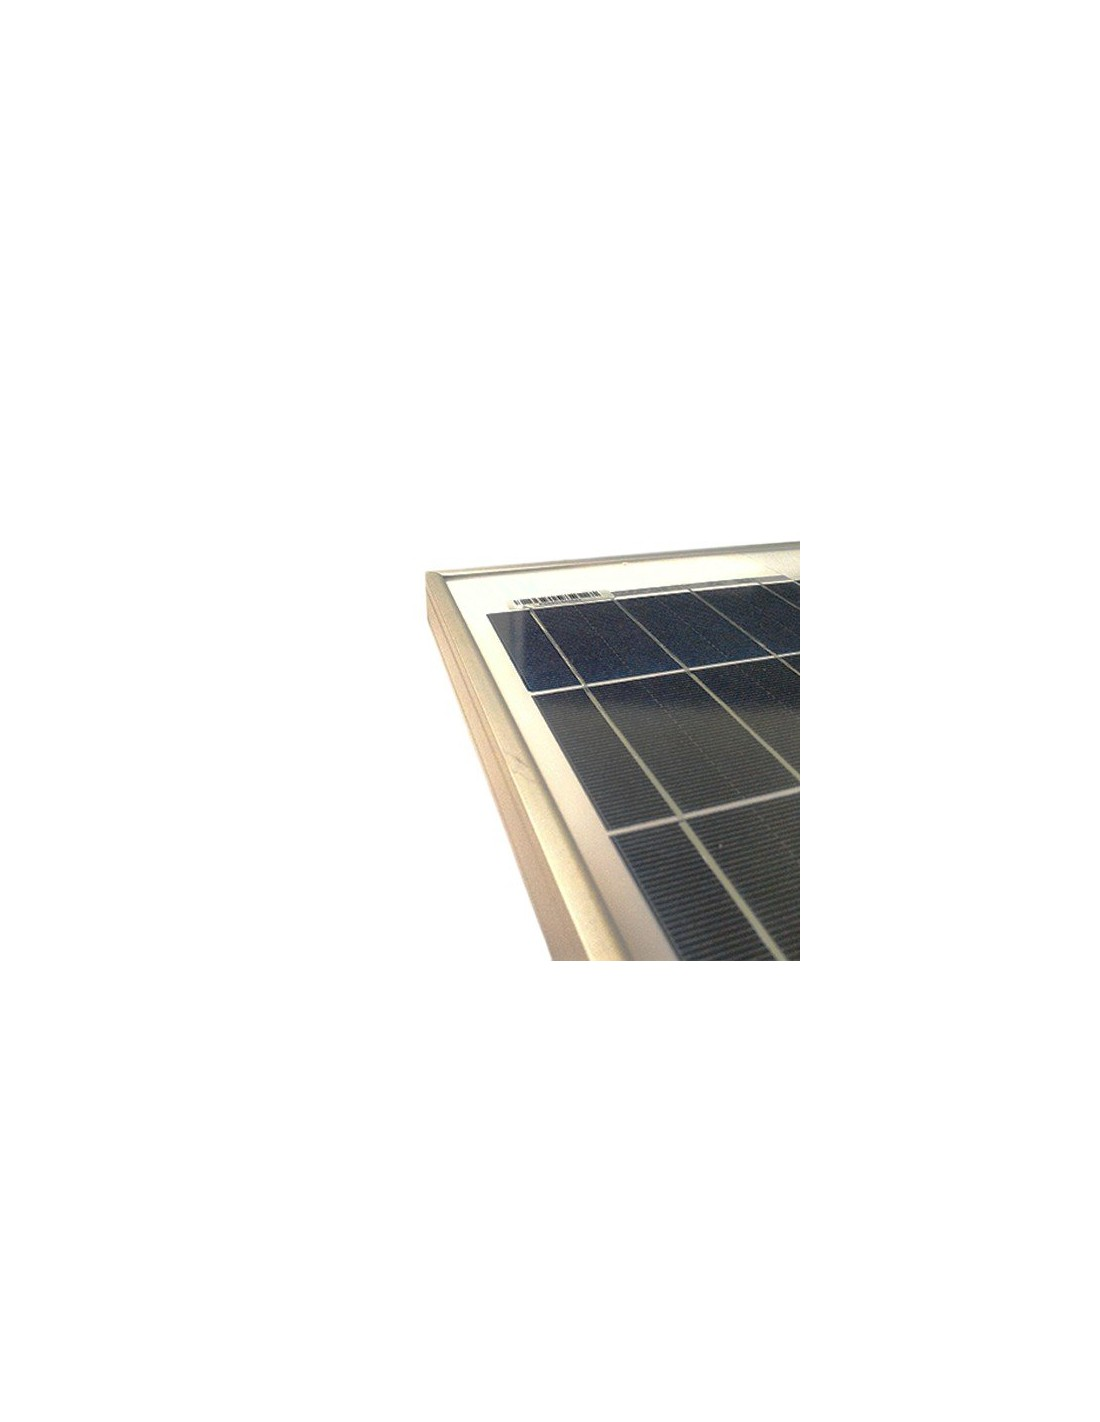 Pannello Solare 100w Per Camper : Pannello solare fotovoltaico w v policristallino